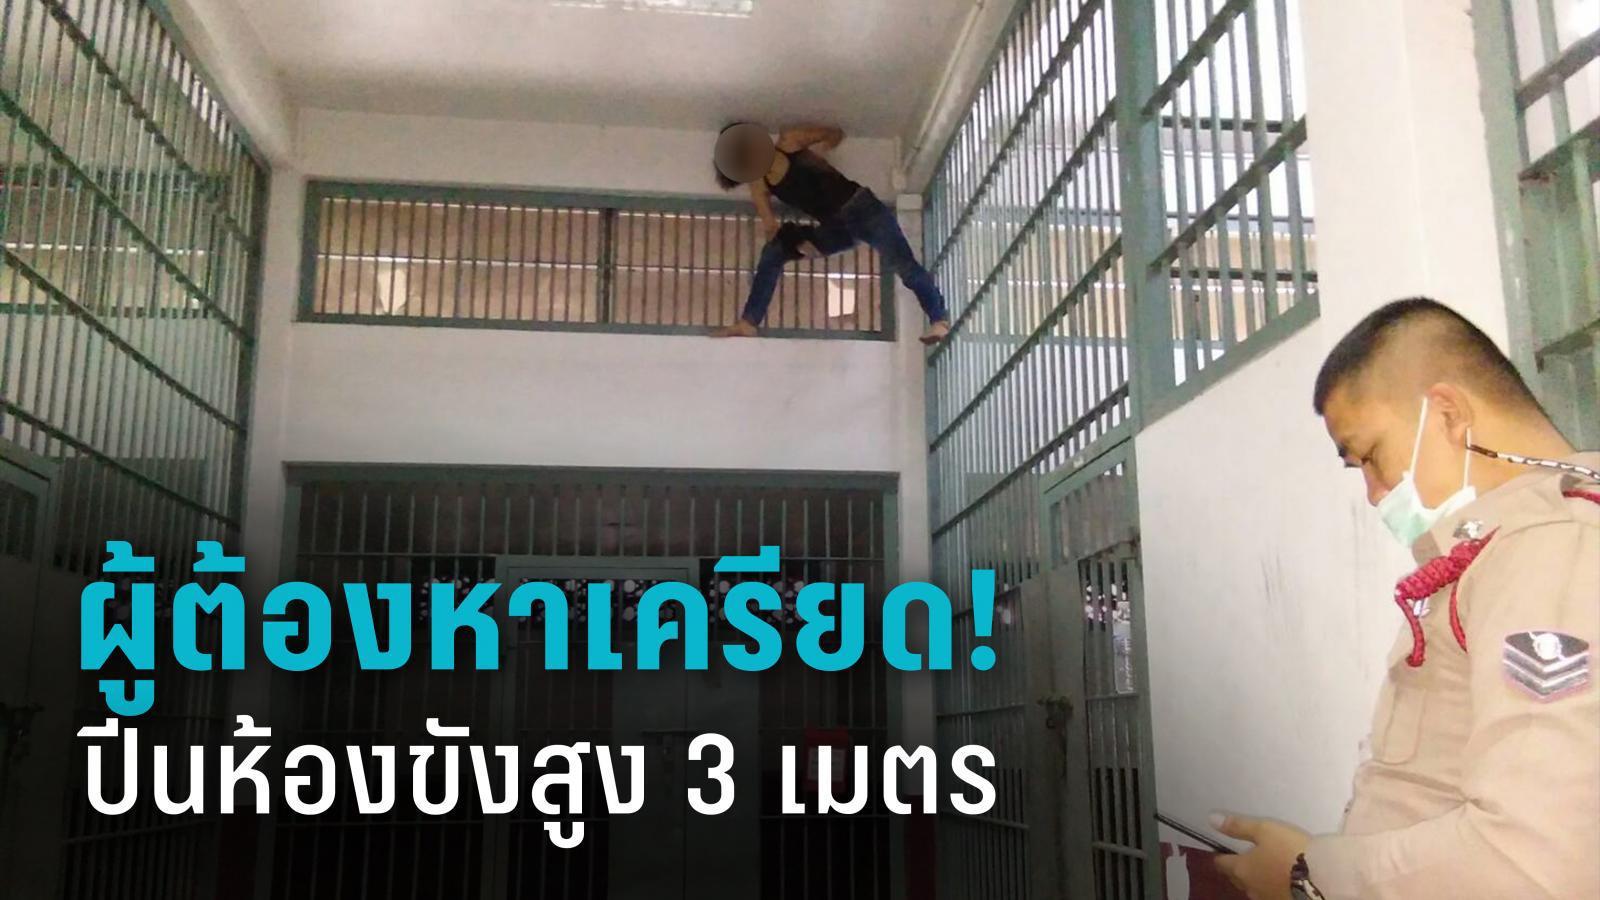 ผู้ต้องหาเครียด! ปีนห้องขังสูง 3 เมตร หลังถูกจับคดีอาวุธปืน